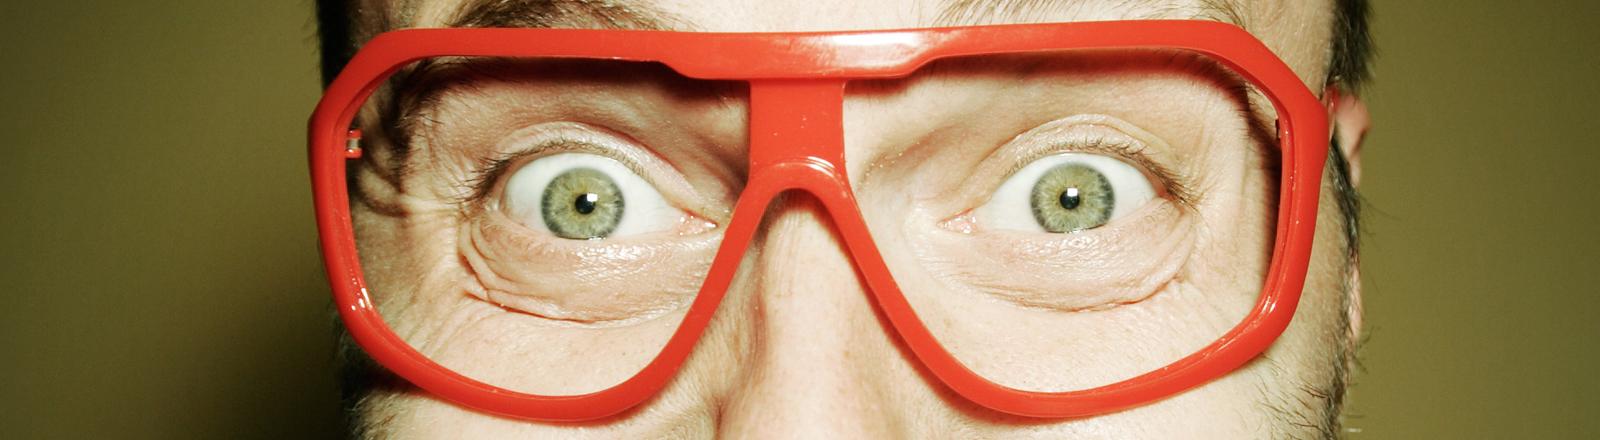 Mann mit roter Brille ohne Gläser